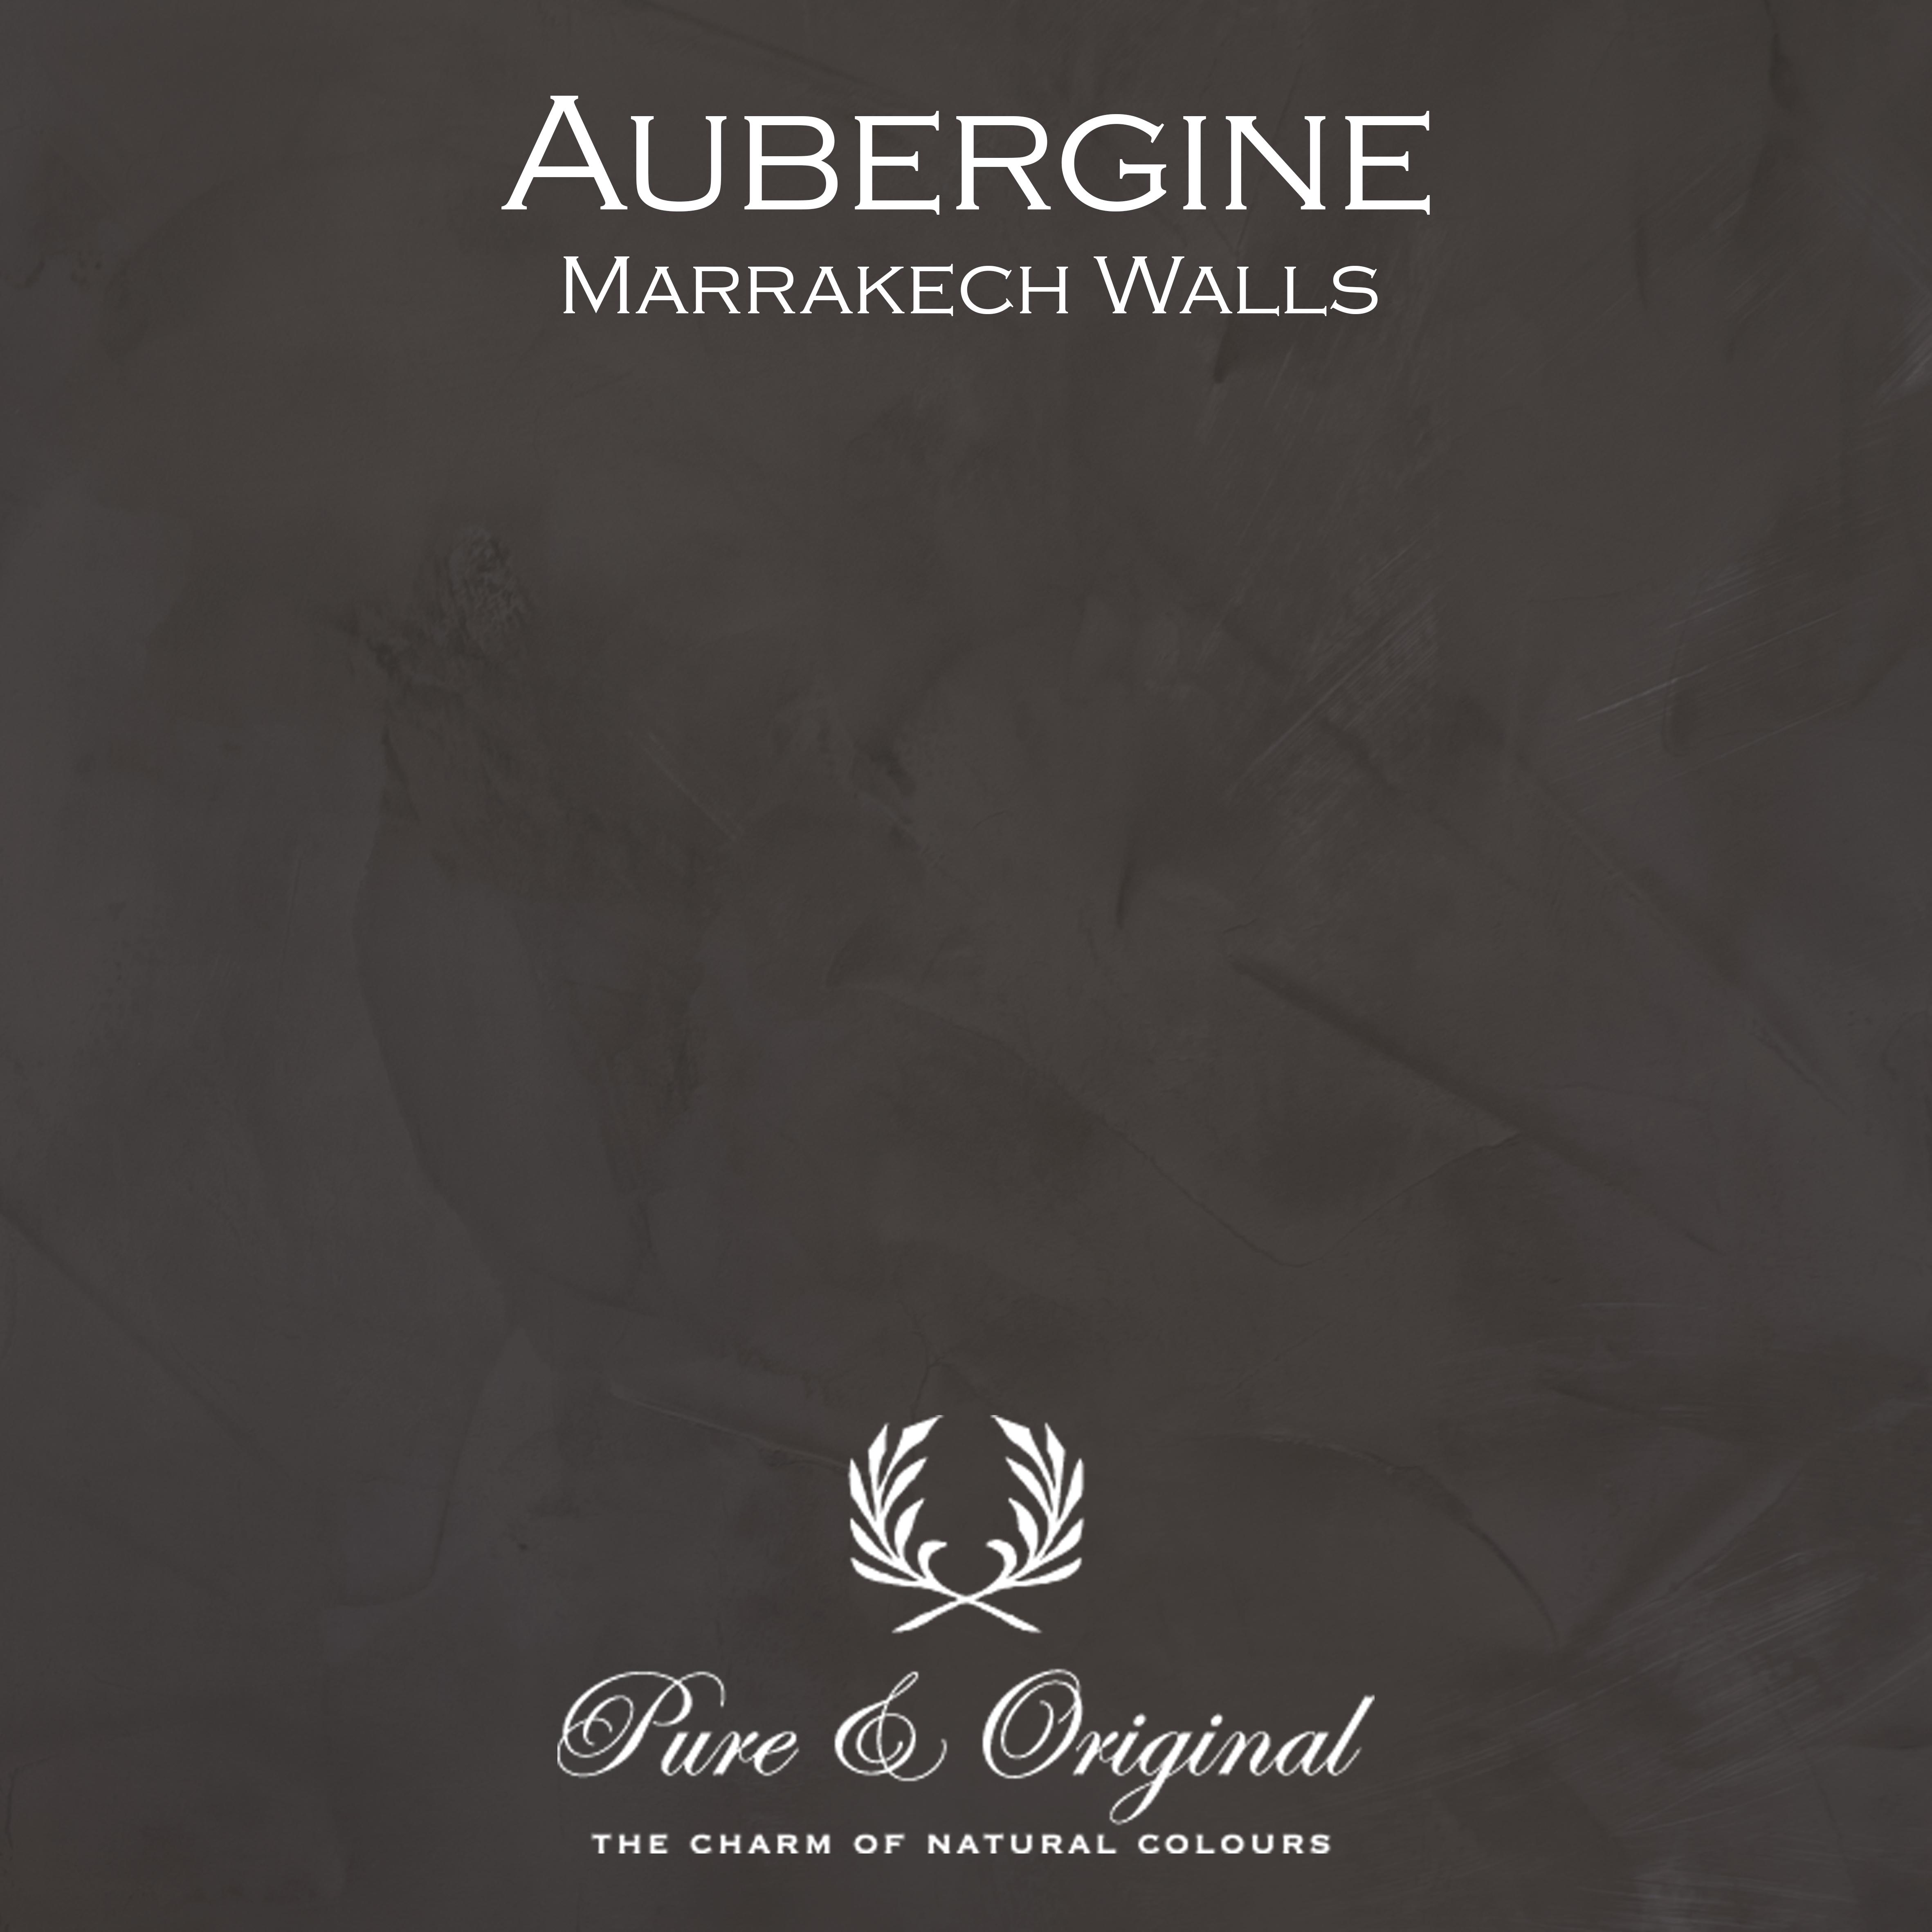 Kulör Aubergine, Marrakech Walls kalkfärg